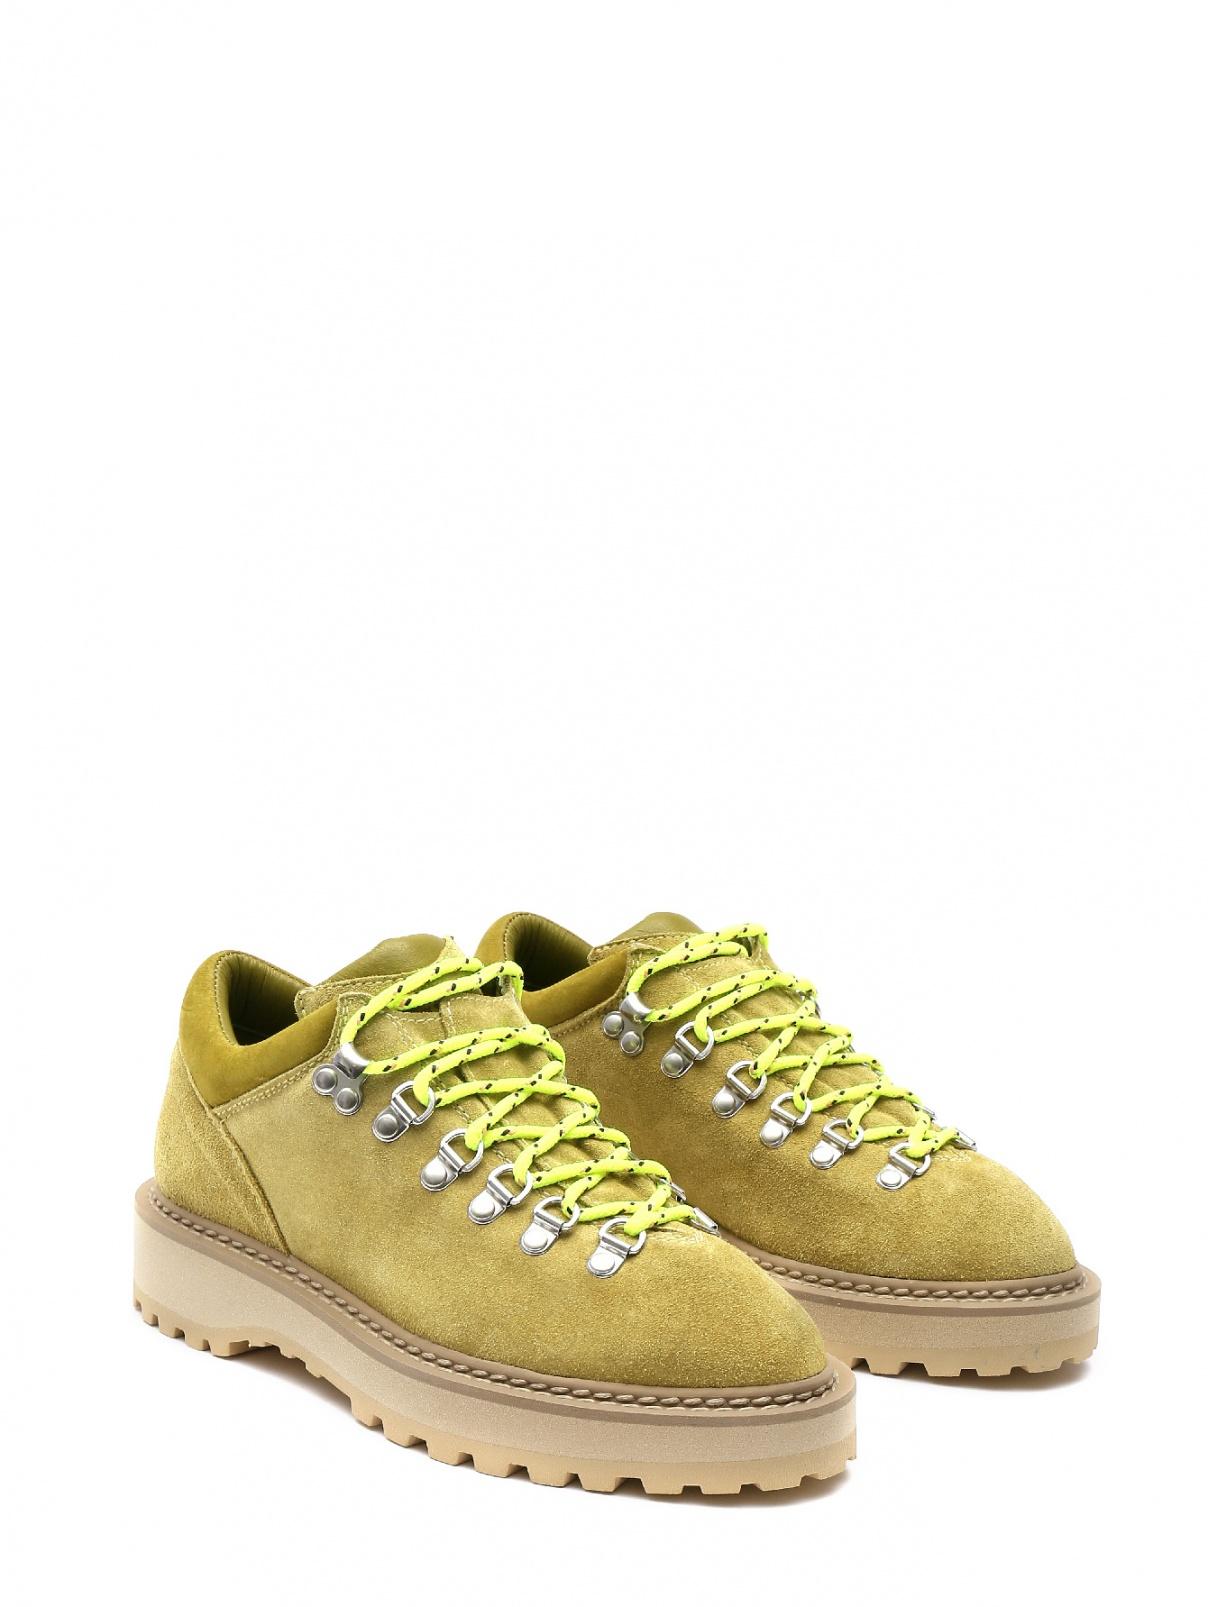 Ботинки замшевые на шнуровке Diemme  –  Общий вид  – Цвет:  Зеленый